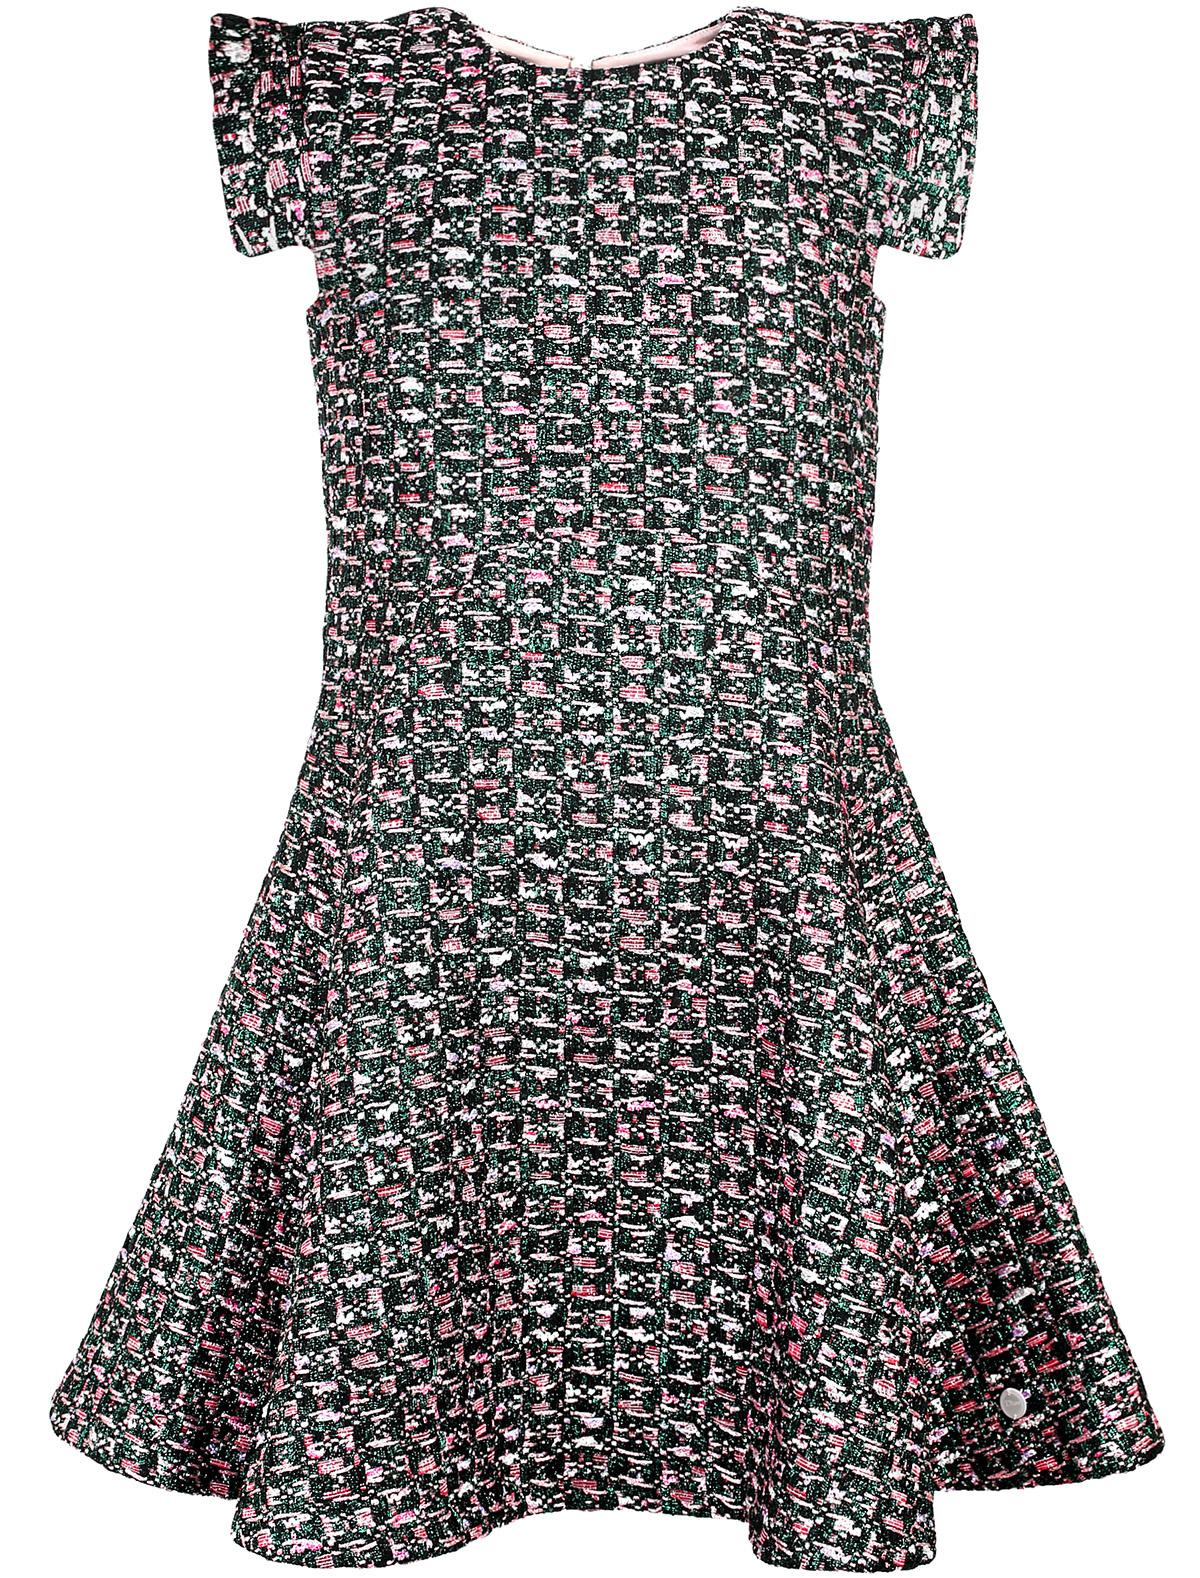 1870036, Платье Dior, розовый, Женский, 1052509680367  - купить со скидкой